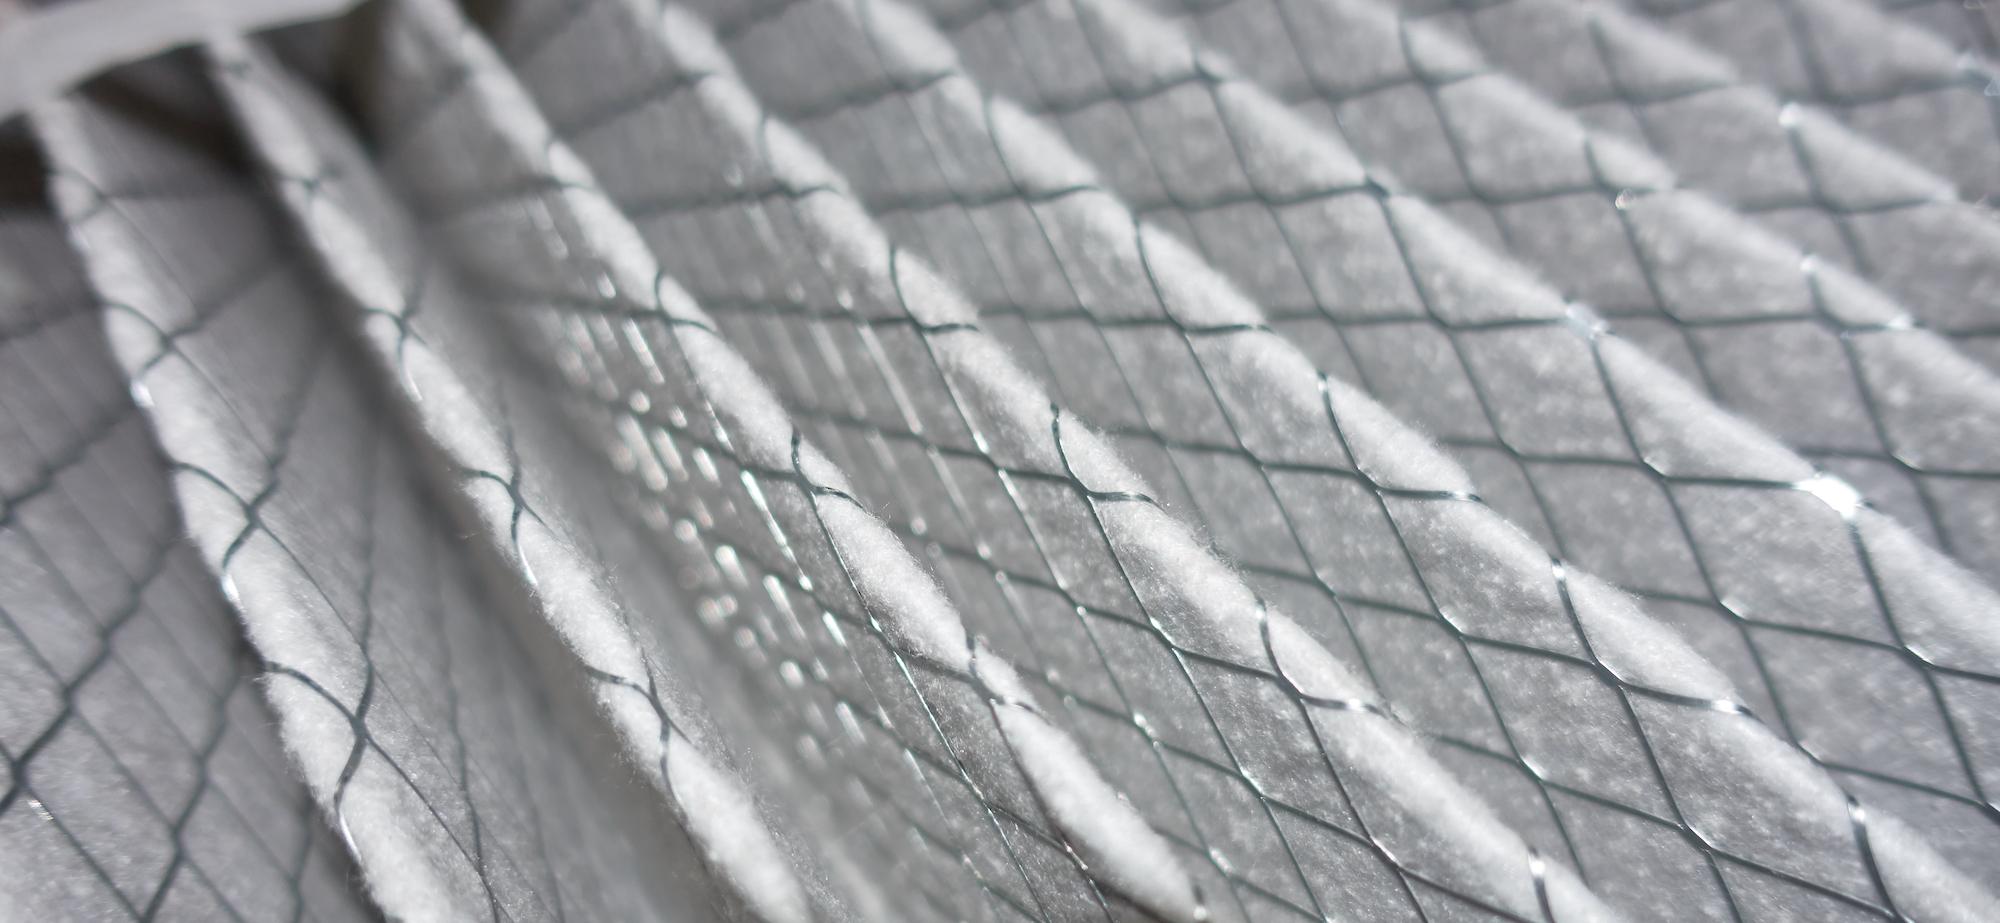 furnace air filter close-up